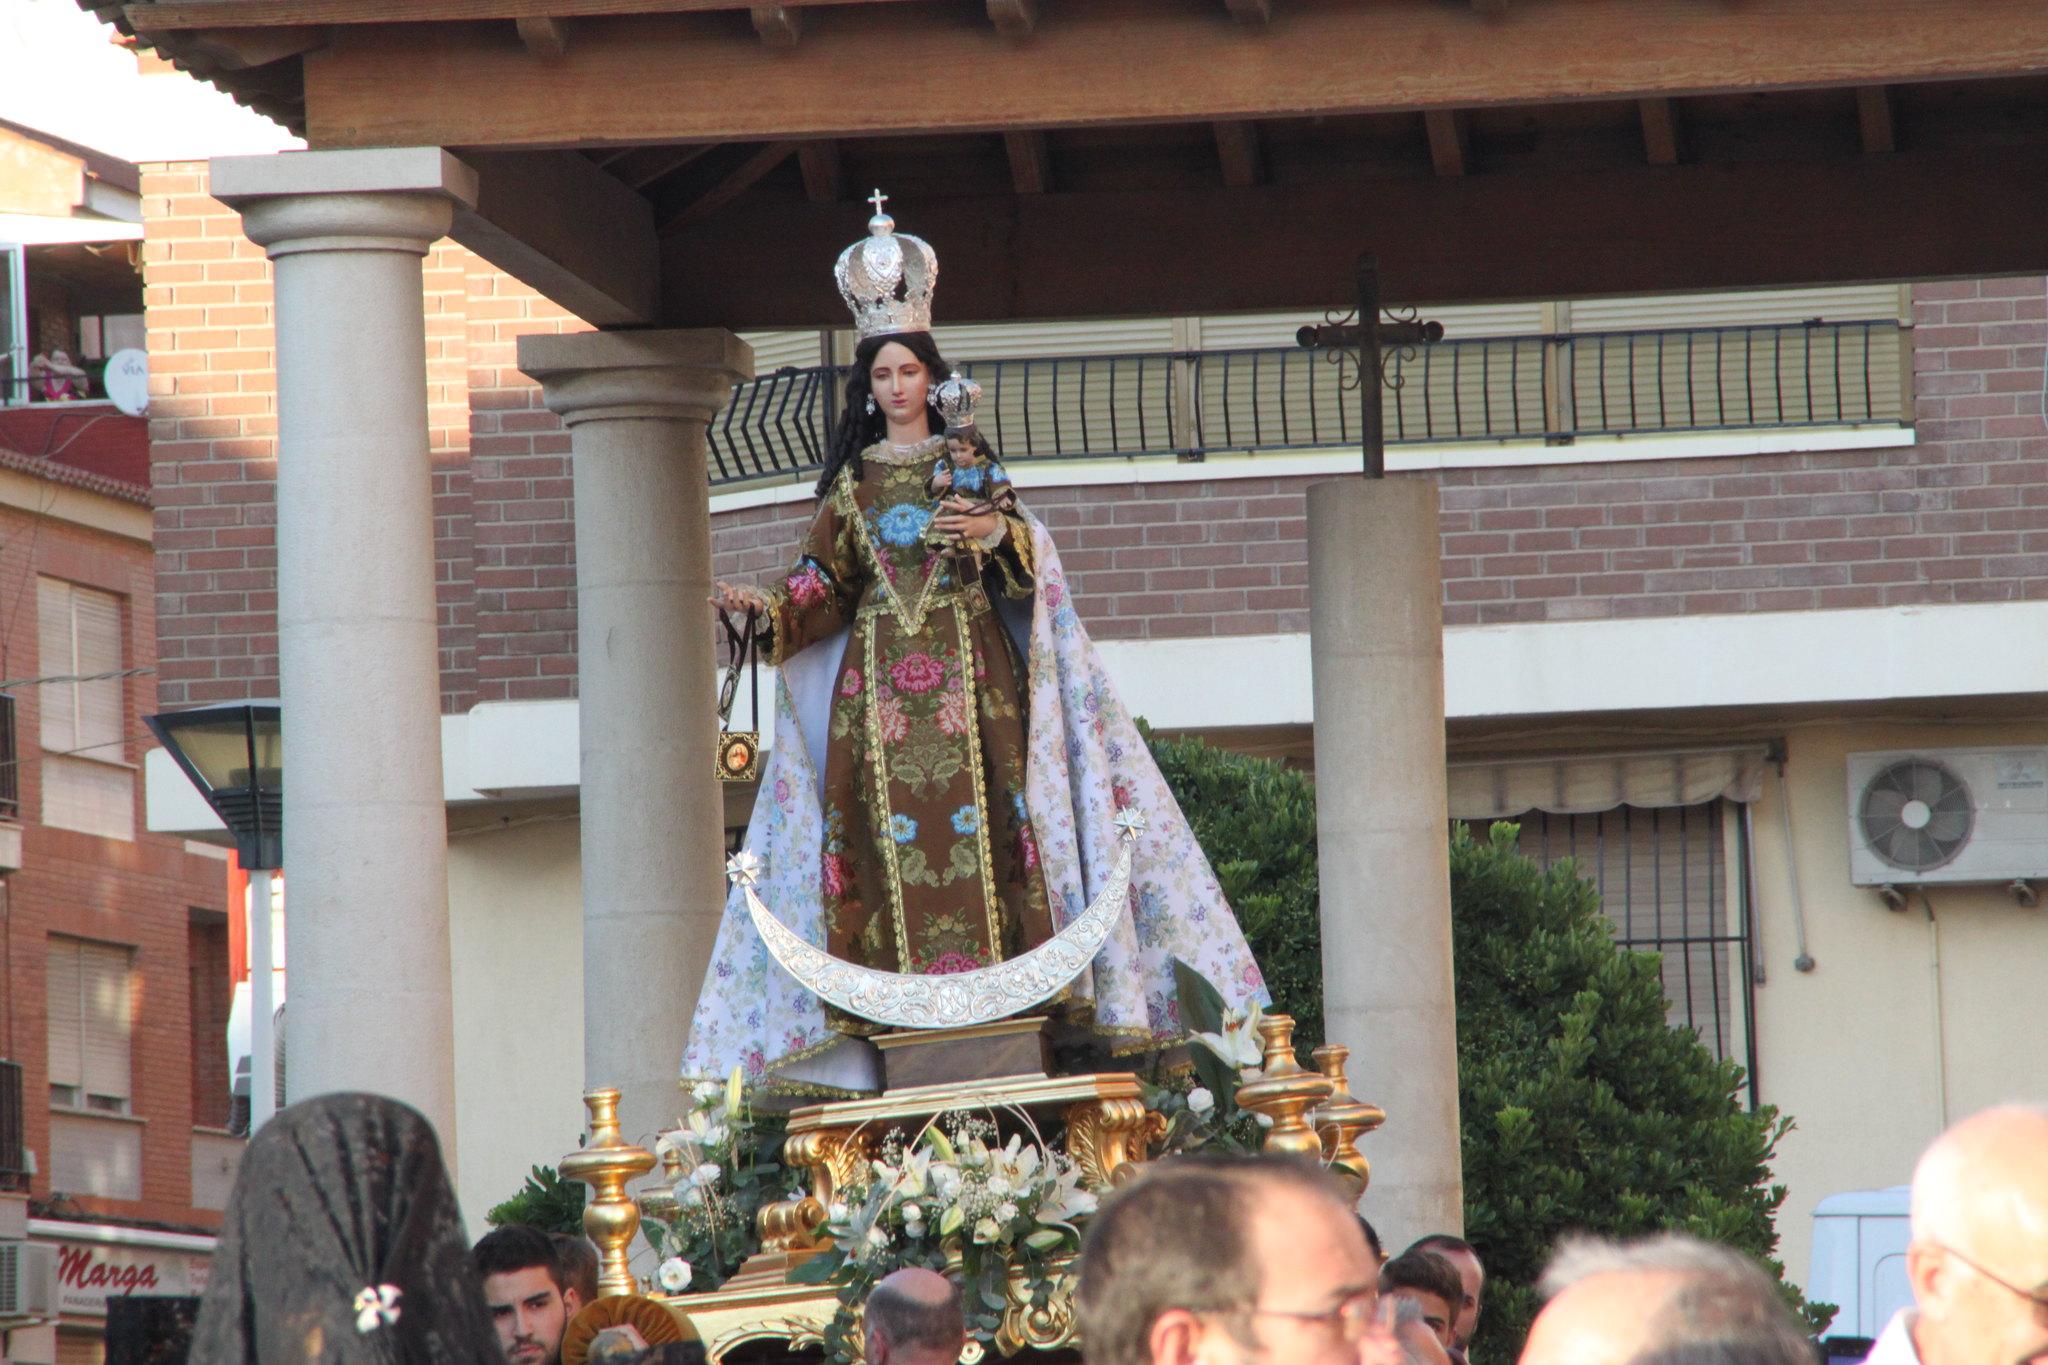 (2015-07-12) - Virgen del Carmen, parroquia La Santa Cruz - Javier Romero Ripoll (155)